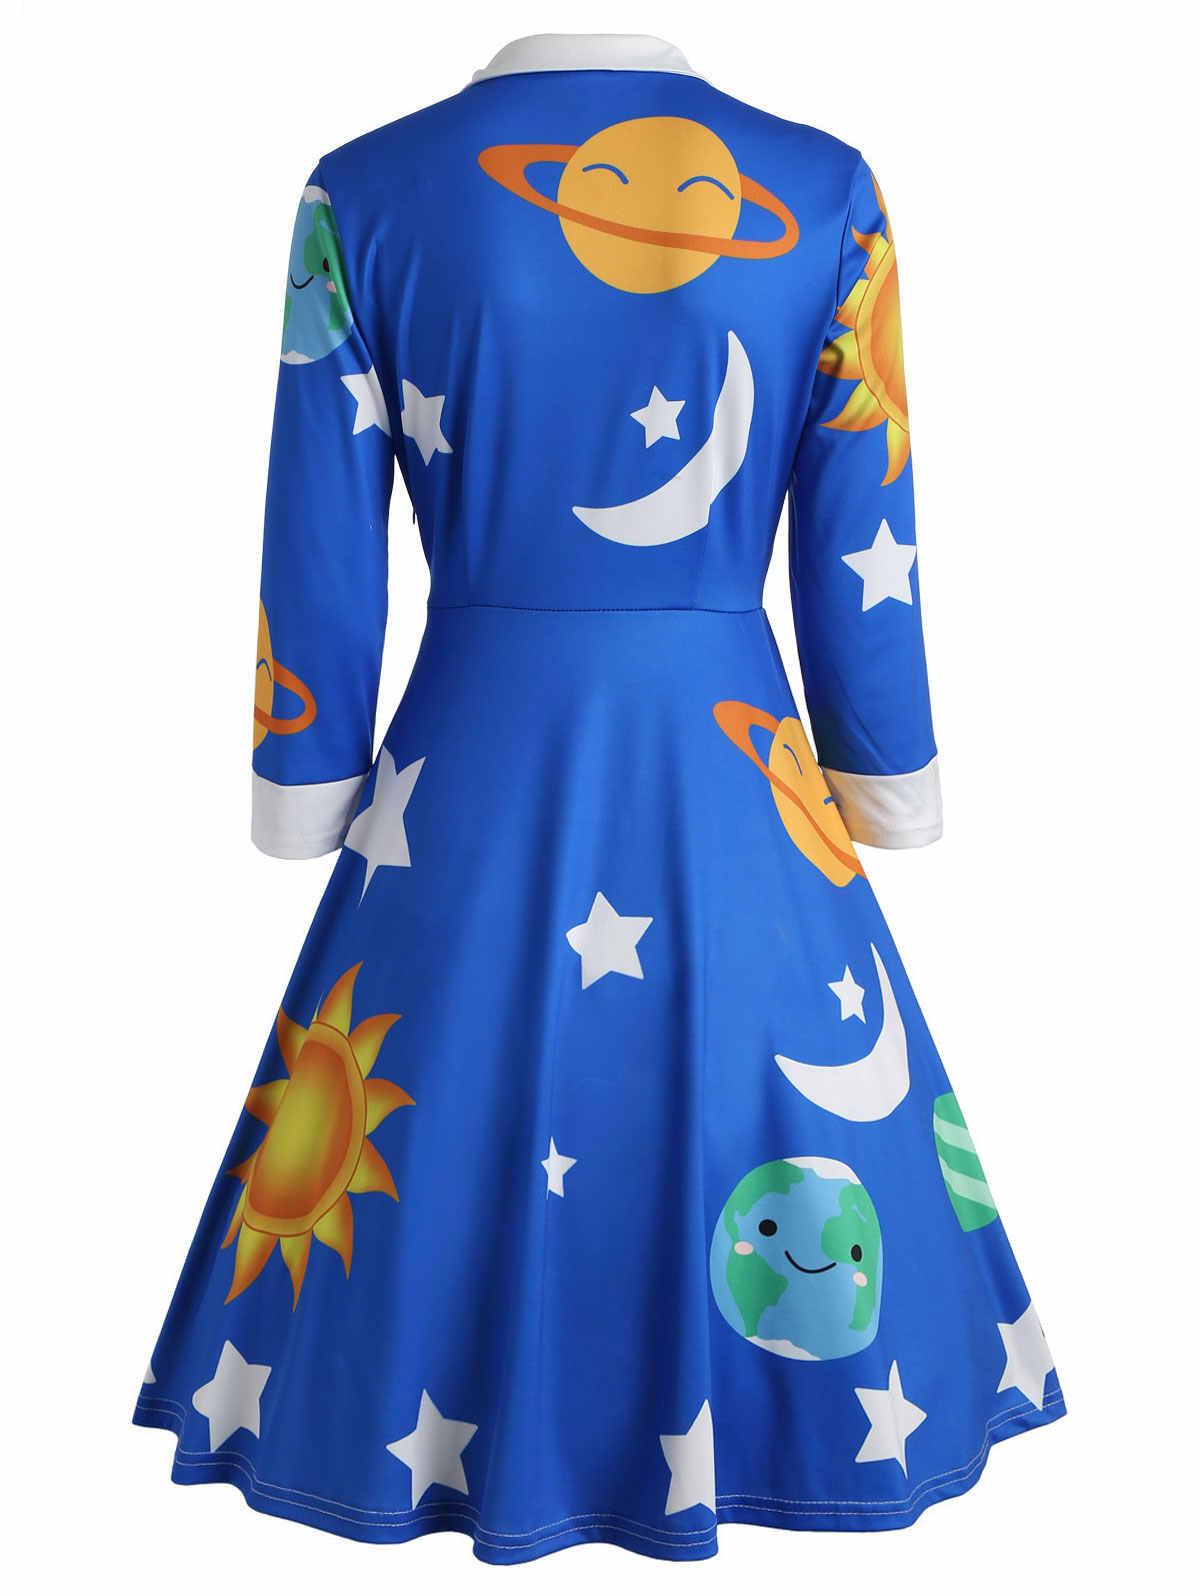 Wipalo для женщин 1950 s Стиль Flare Винтаж Защита от Солнца и Луны Платье с принтом Длинные рукава по колено Империя внешний платье с рисунком космоса Vestidos Femme